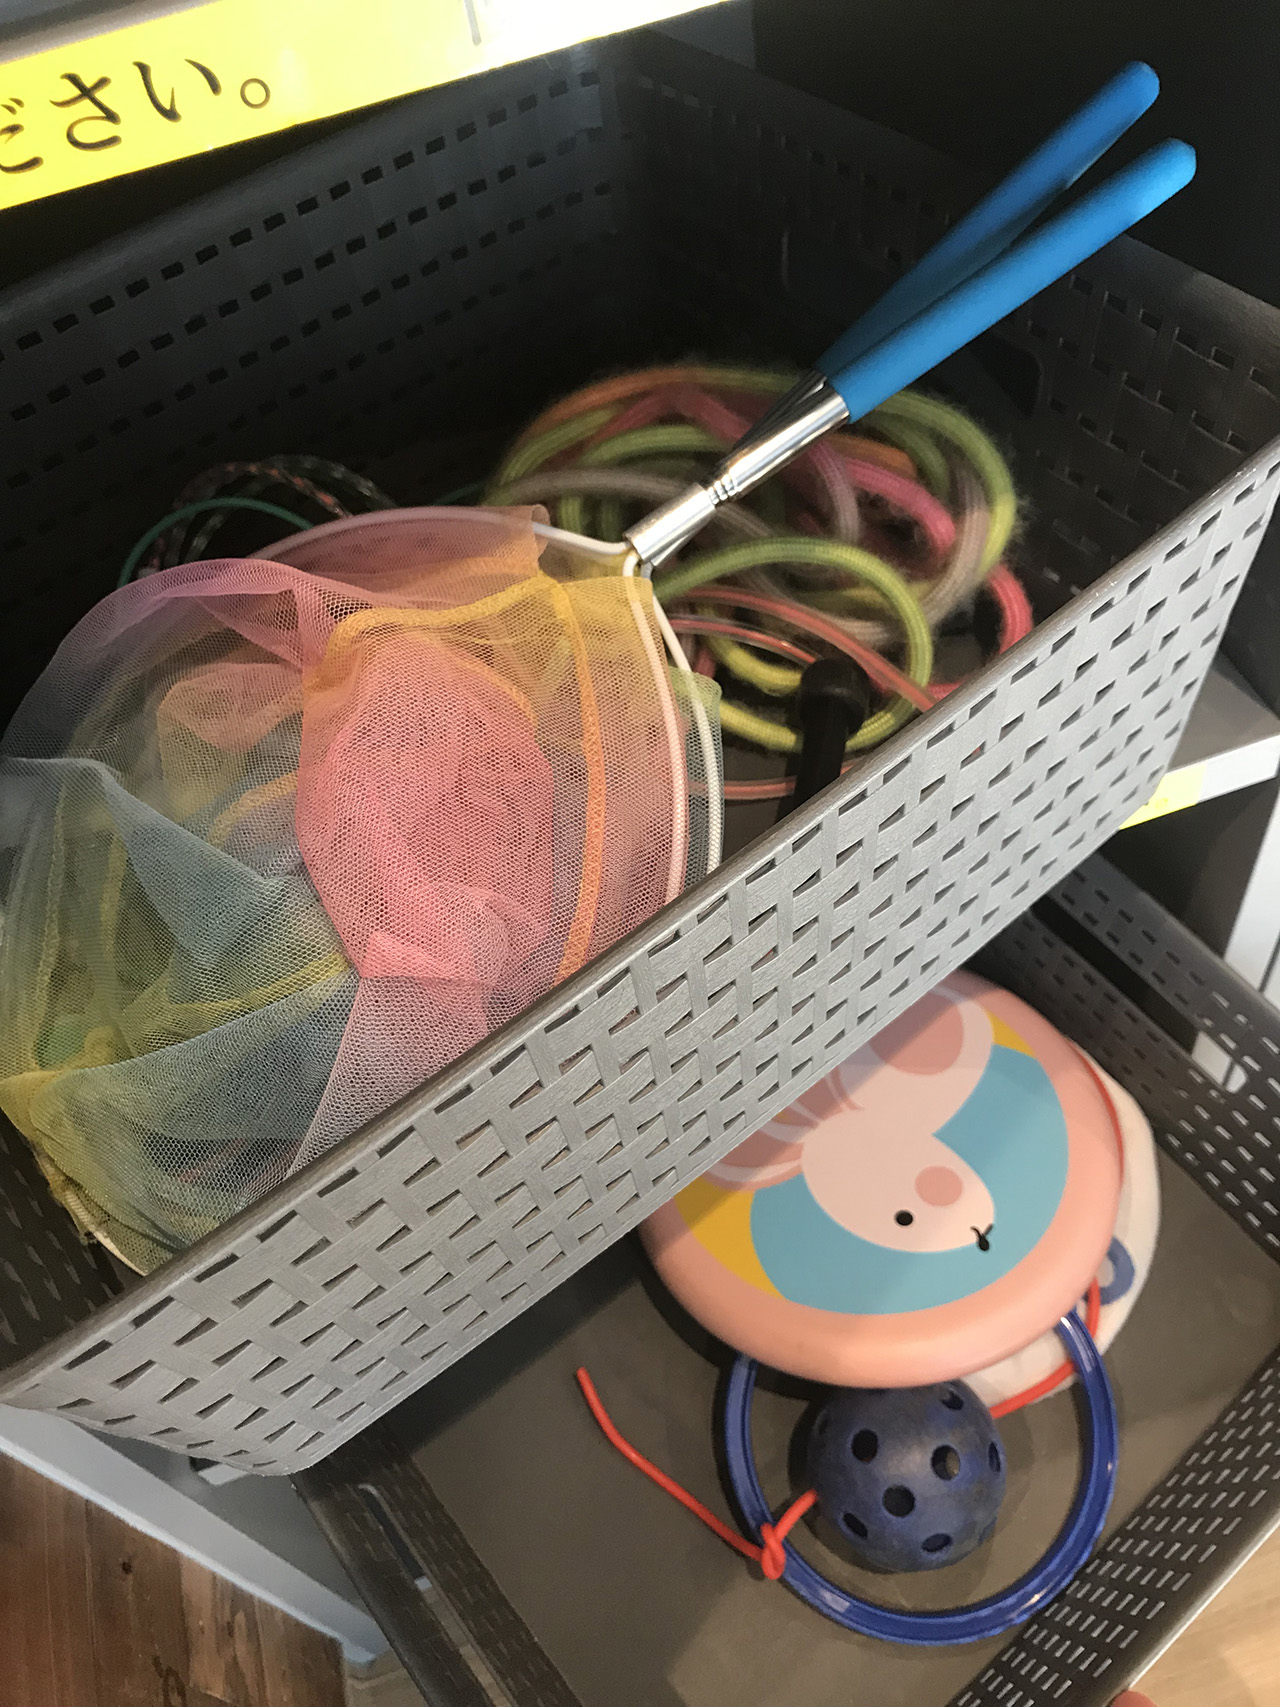 貸し出しの縄跳びやボール、ラケットなどのおもちゃの写真